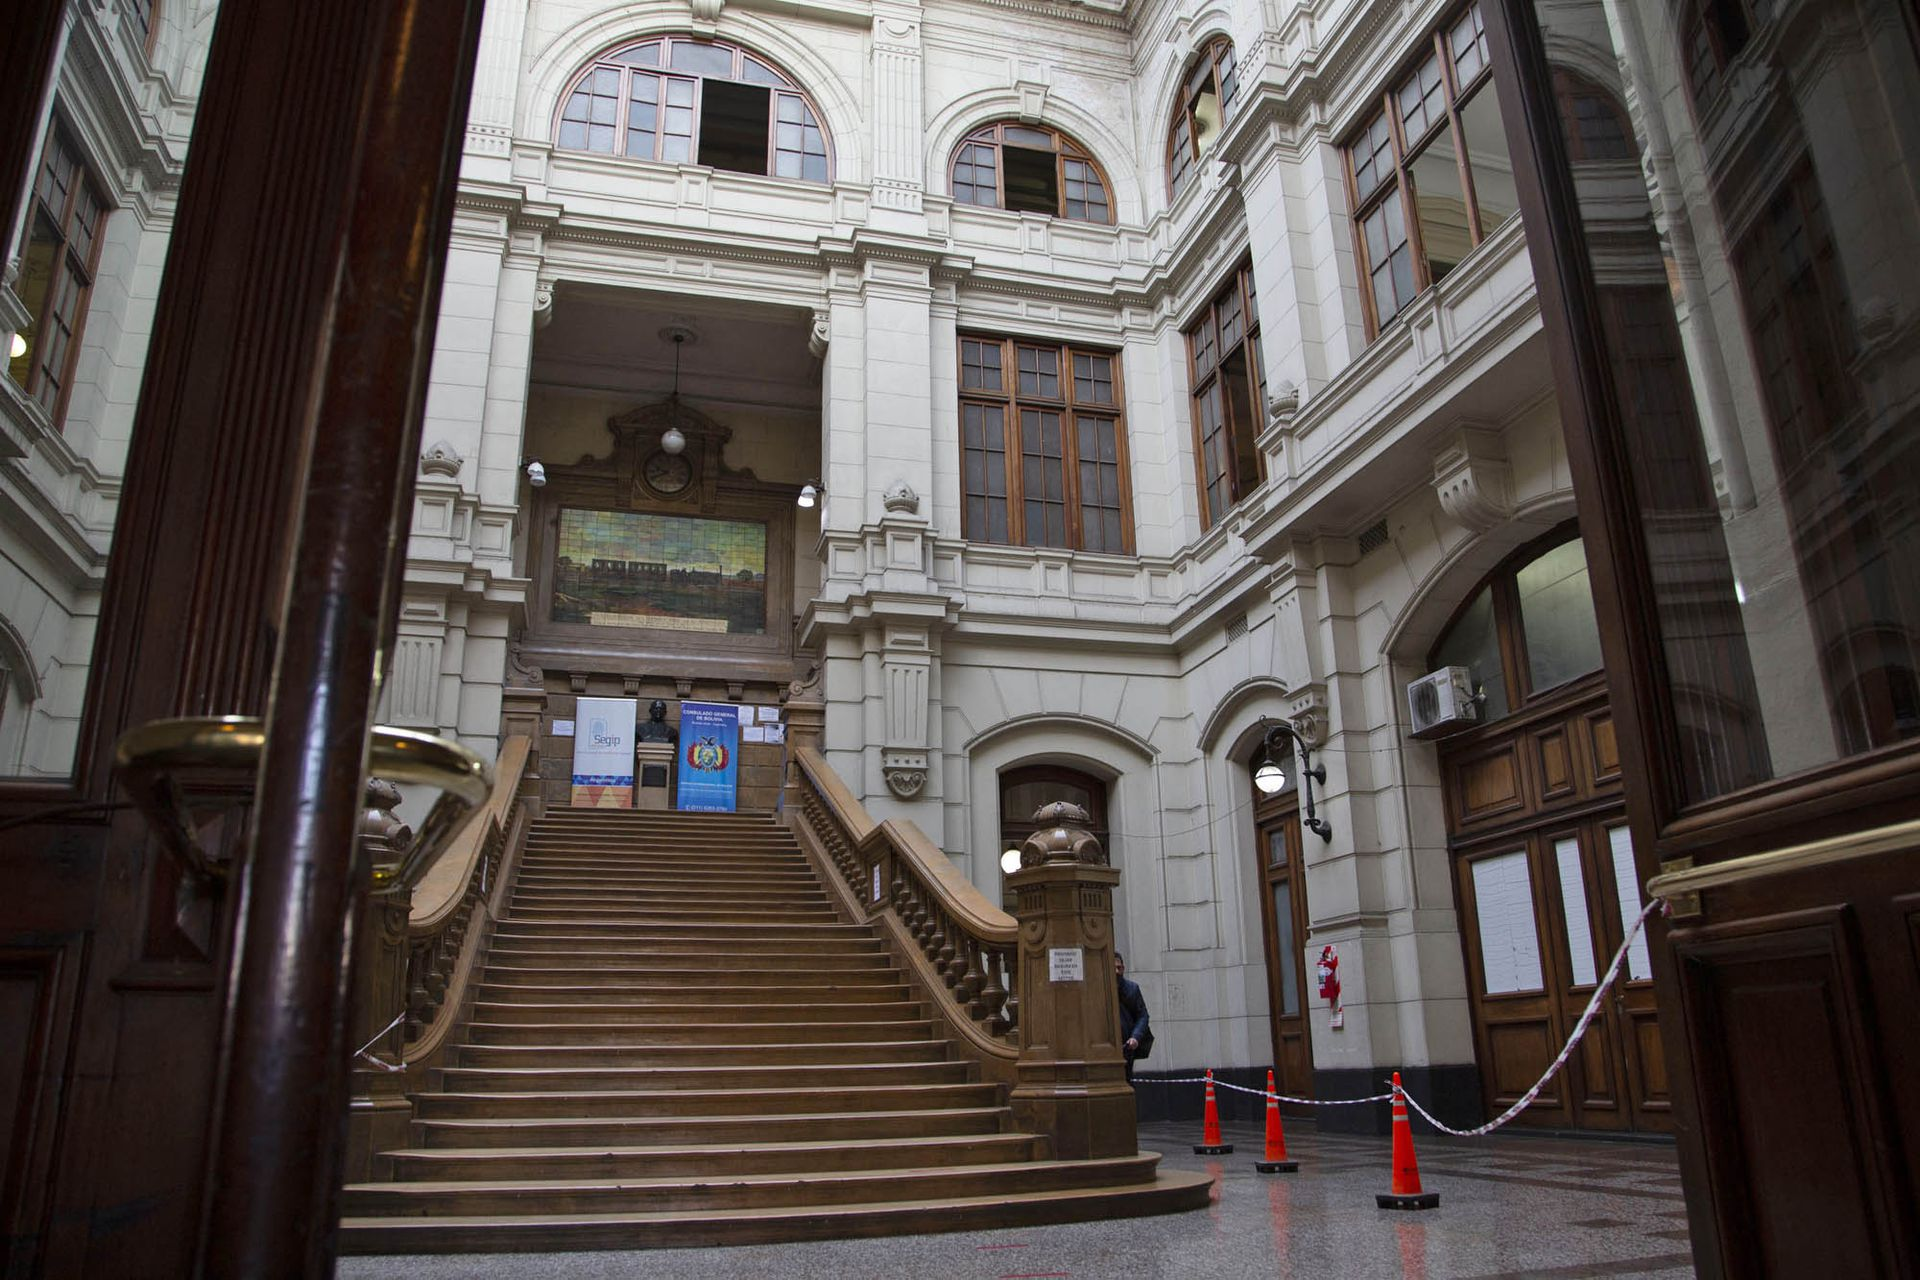 La imponente arquitectura de la estación Once, reconocida por la declaración como Monumento Histórico Nacional